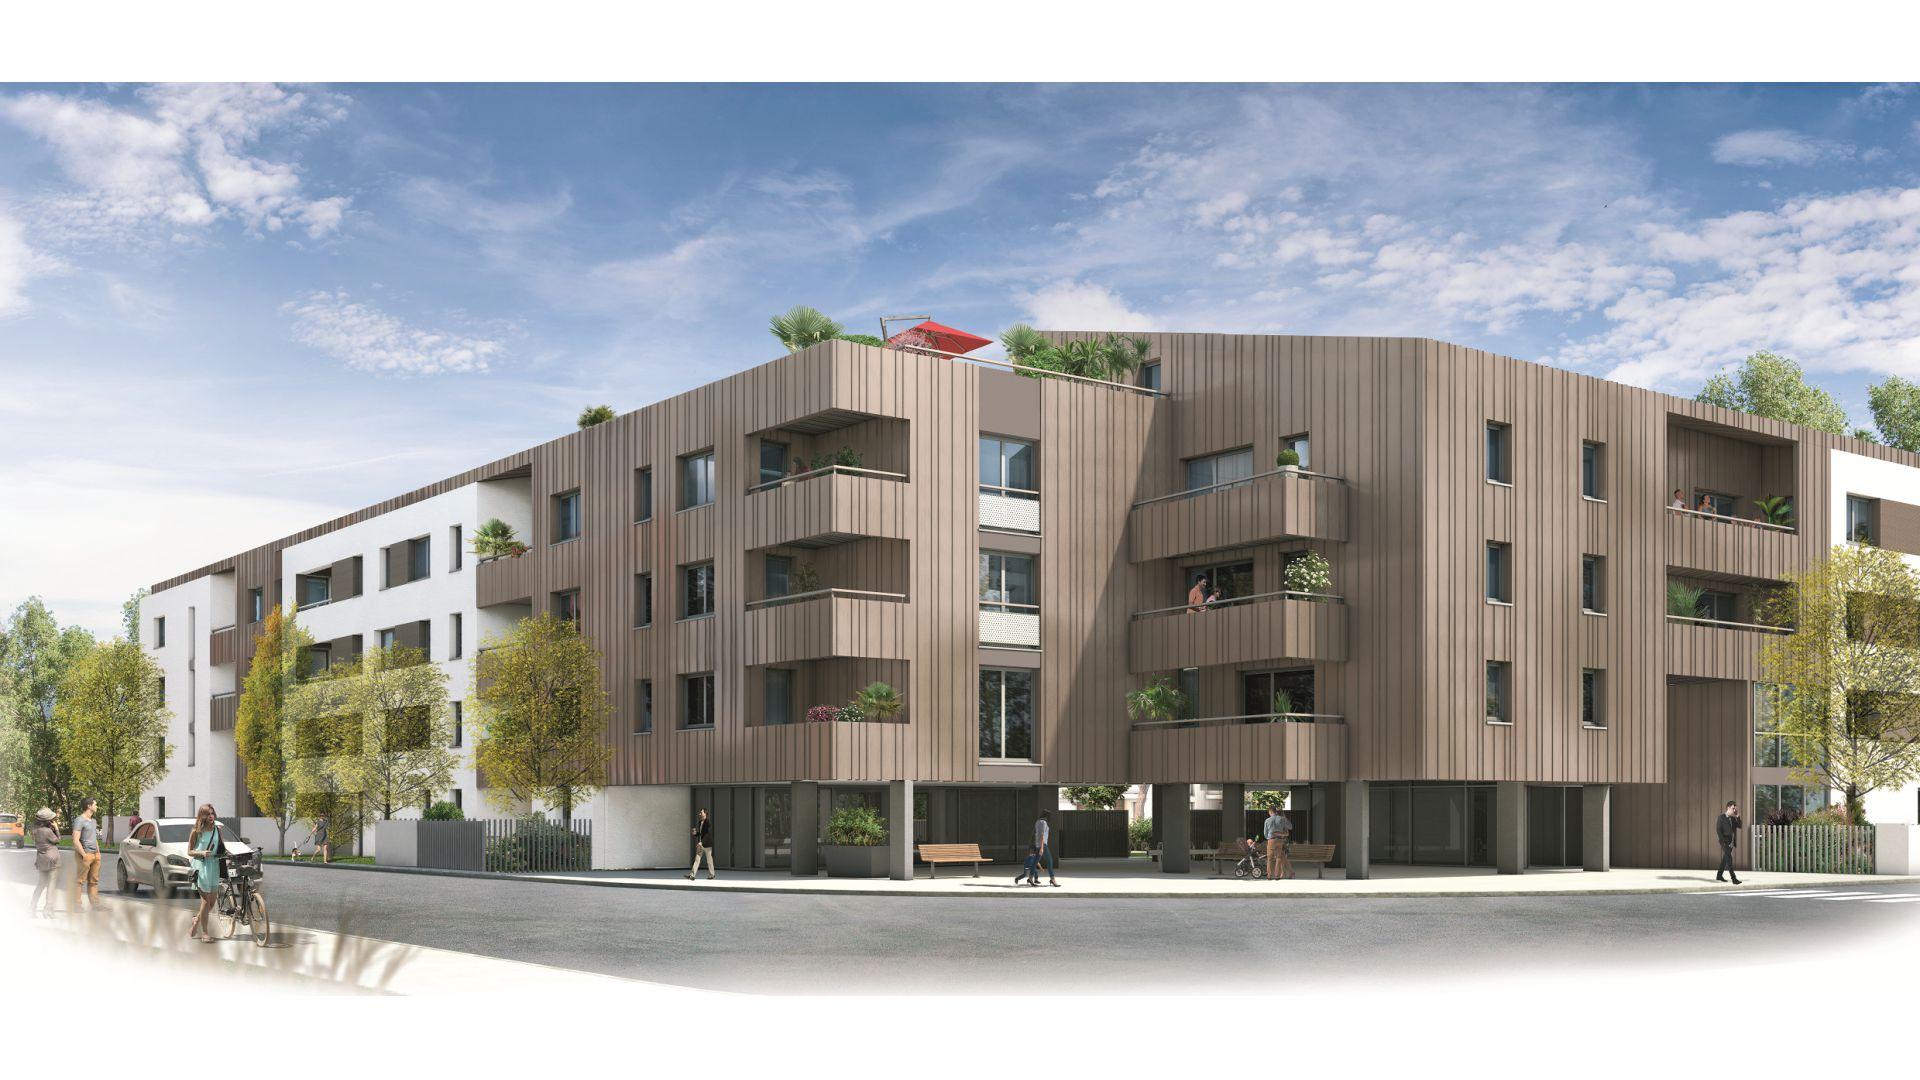 GreenCity immobilier - Toulouse Montaudran - rue rodier - GreenGarden 2 - appartement du T1 au T4 - accession prix maitrisés